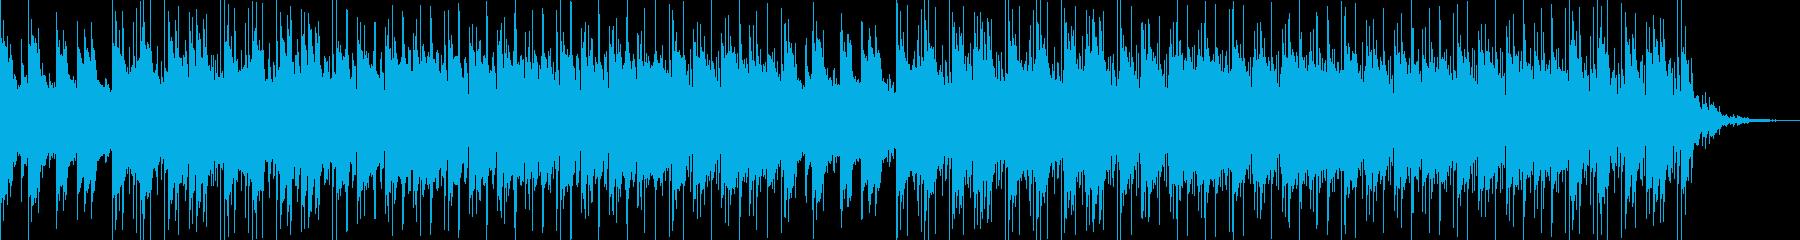 ホラーの雰囲気の曲の再生済みの波形